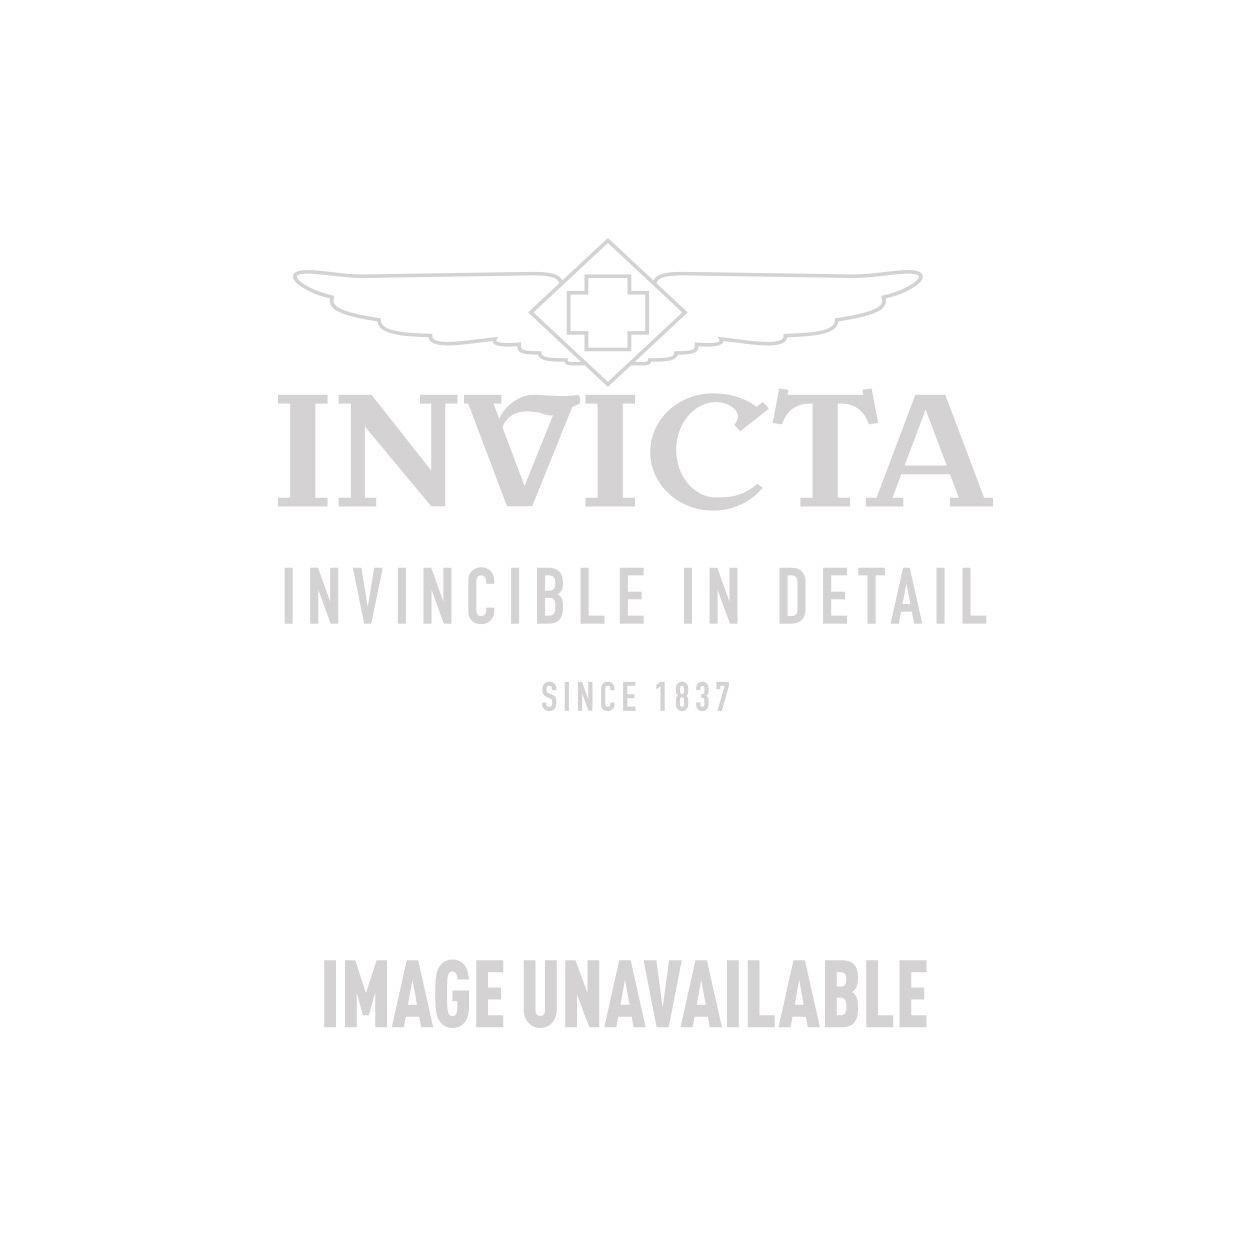 Invicta Model 27402